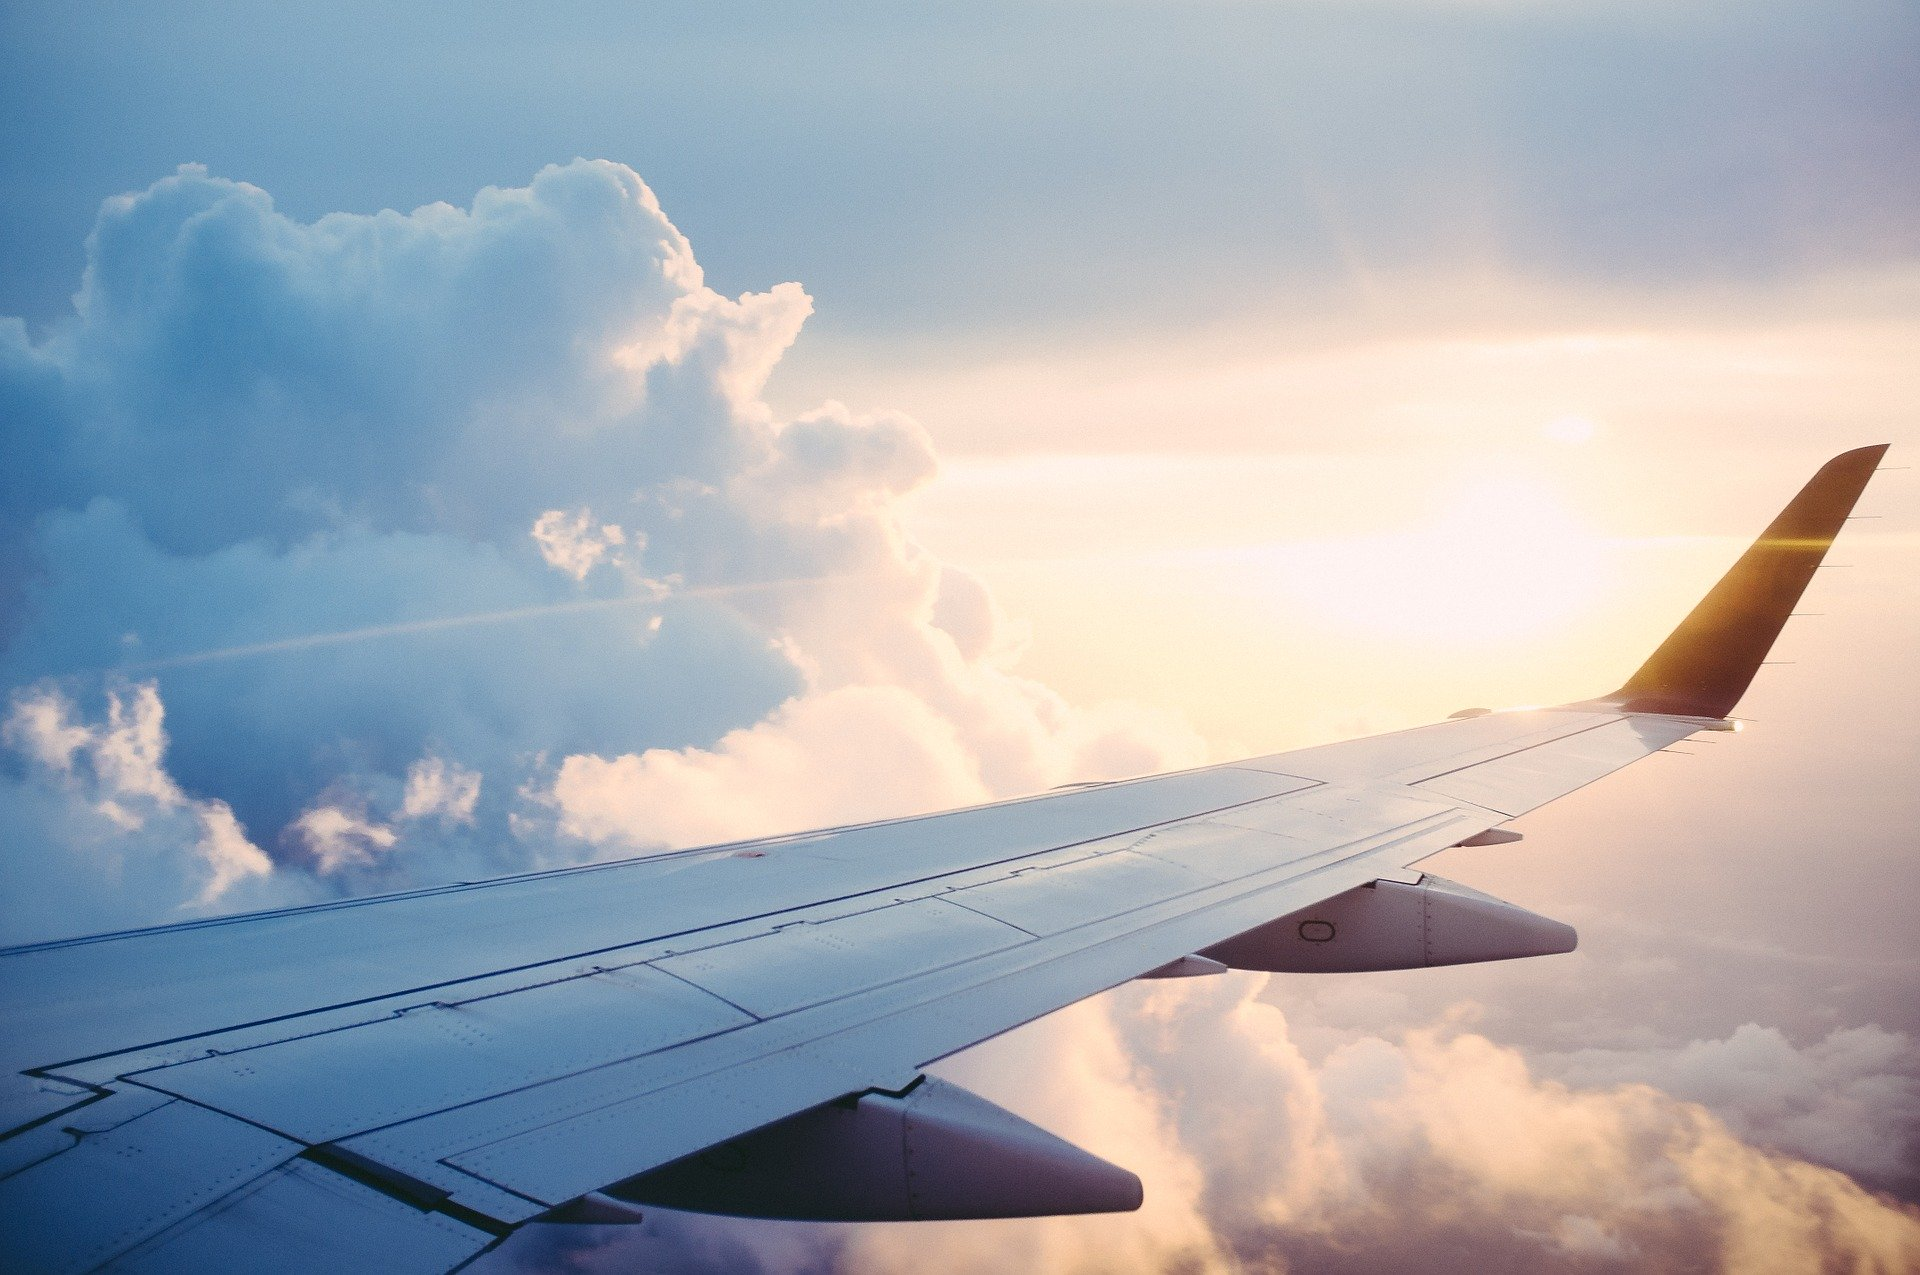 vliegtuigvleugel